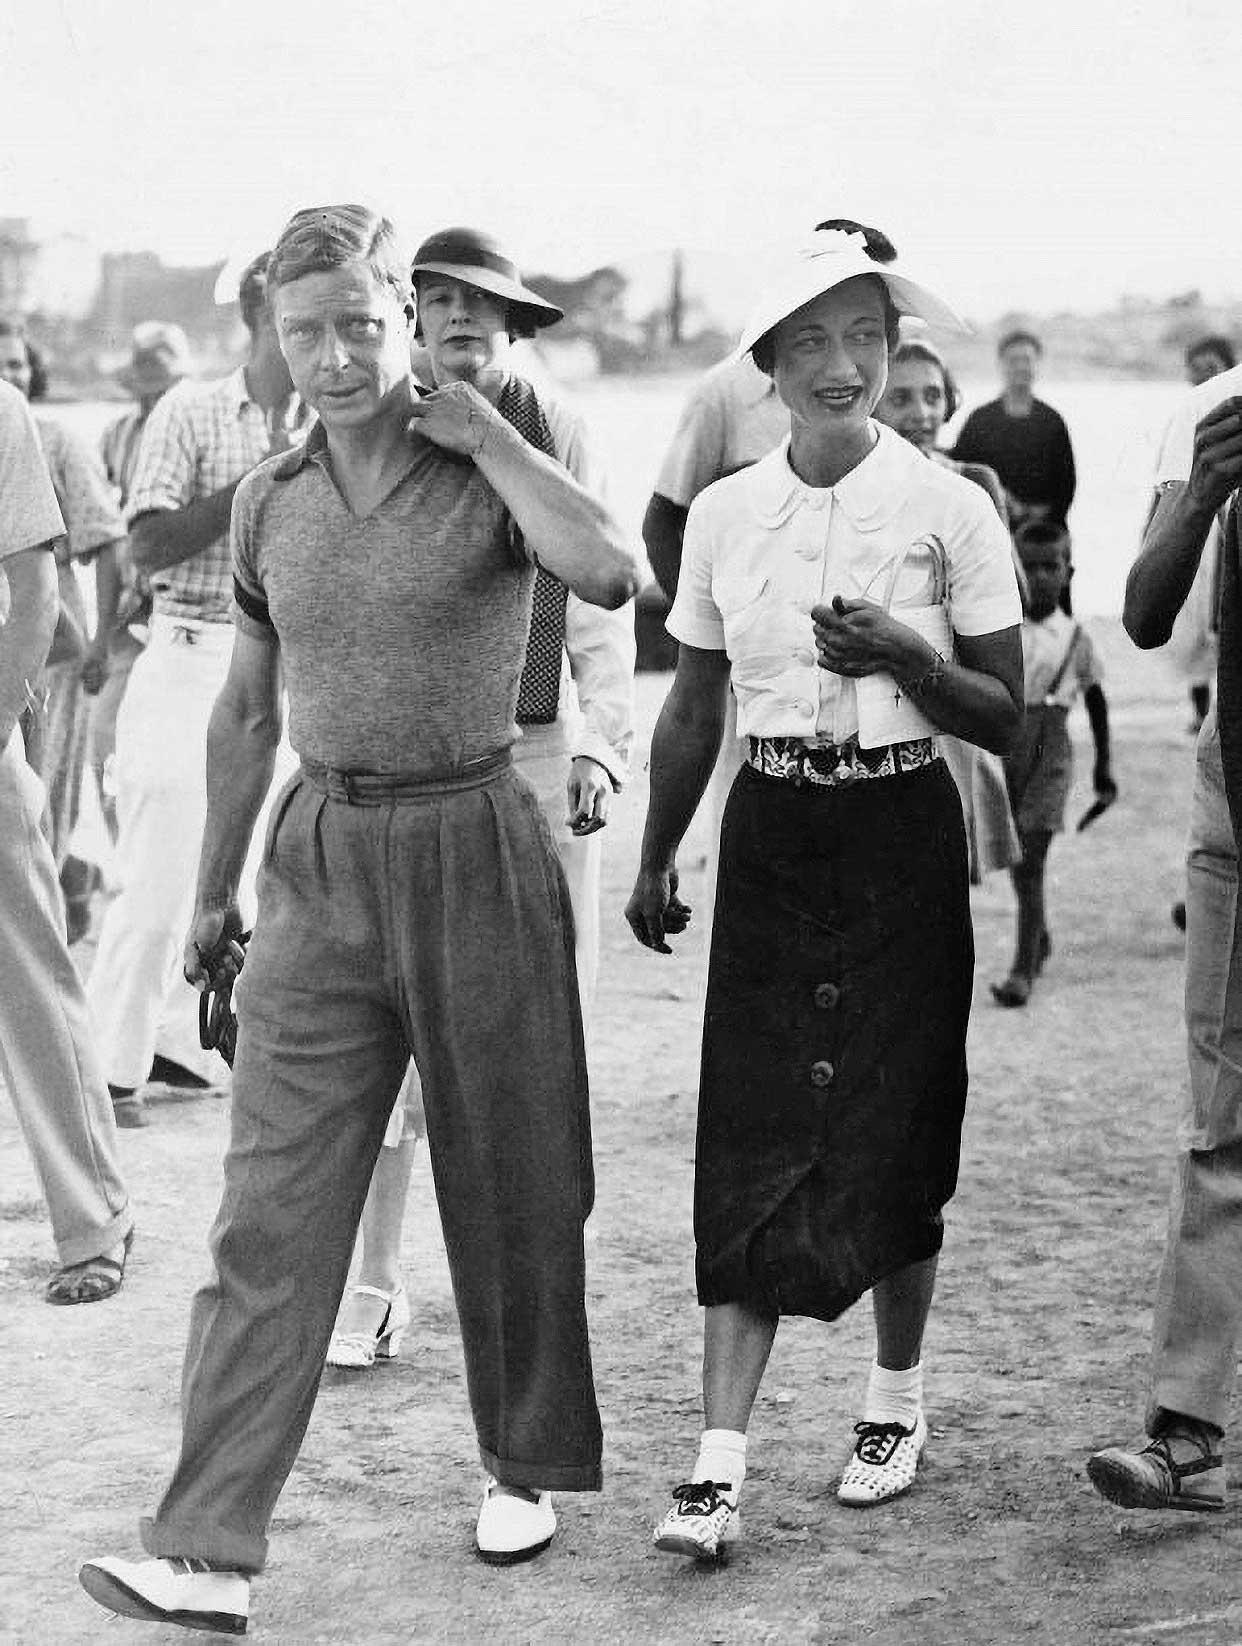 Kralj Edvard VIII. upravo se na krstarenju Jadranom odlučio oženiti svojom ljubavnicom, američkom pučankom Wallis Simpson